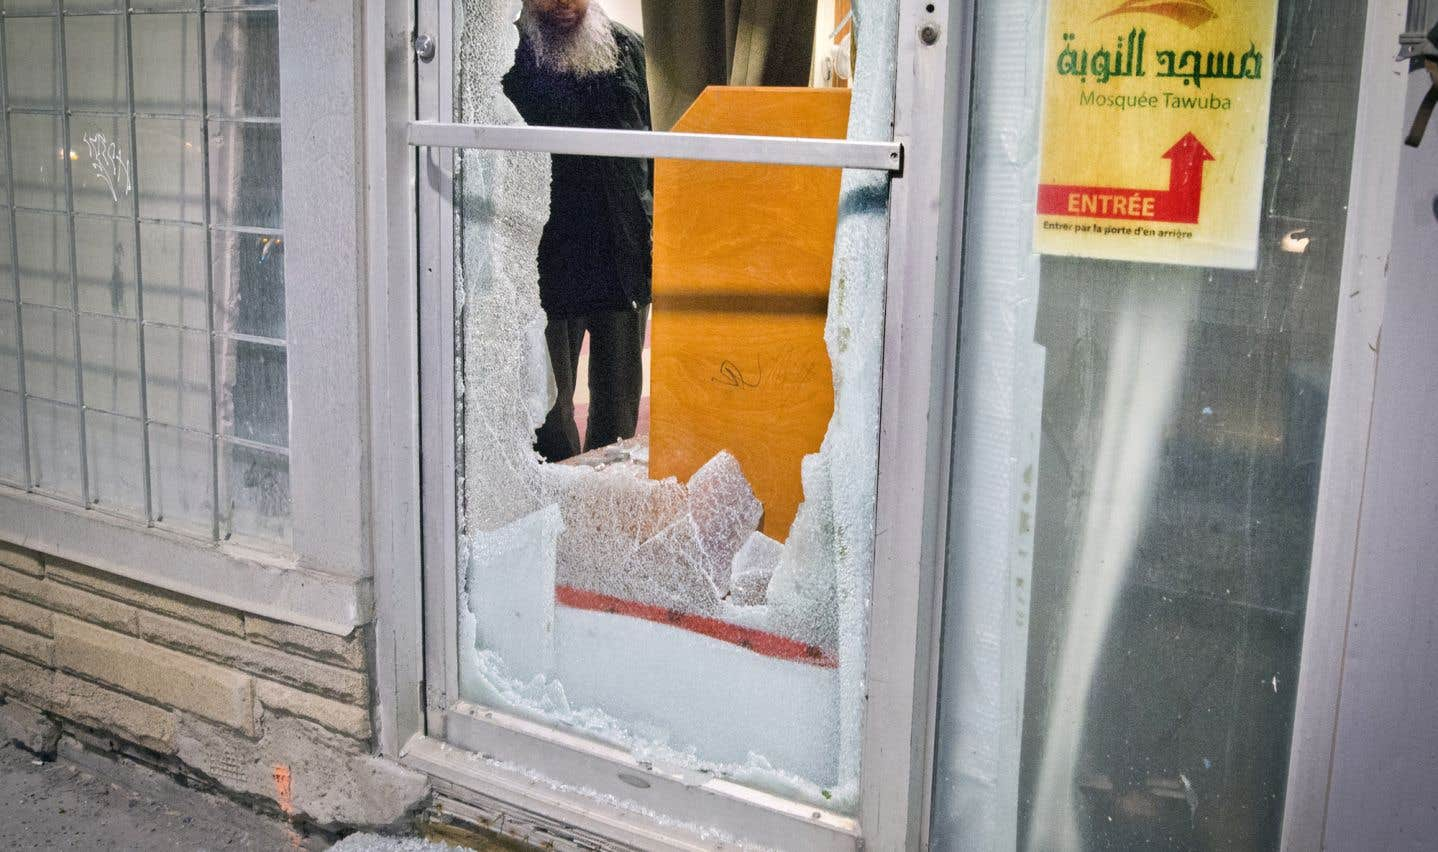 Des vitres ont été fracassées à l'avant et sur le côté de la mosquée Tawuba située sur la rue Ontario Est, près de l'intersection de la rue Fullum.